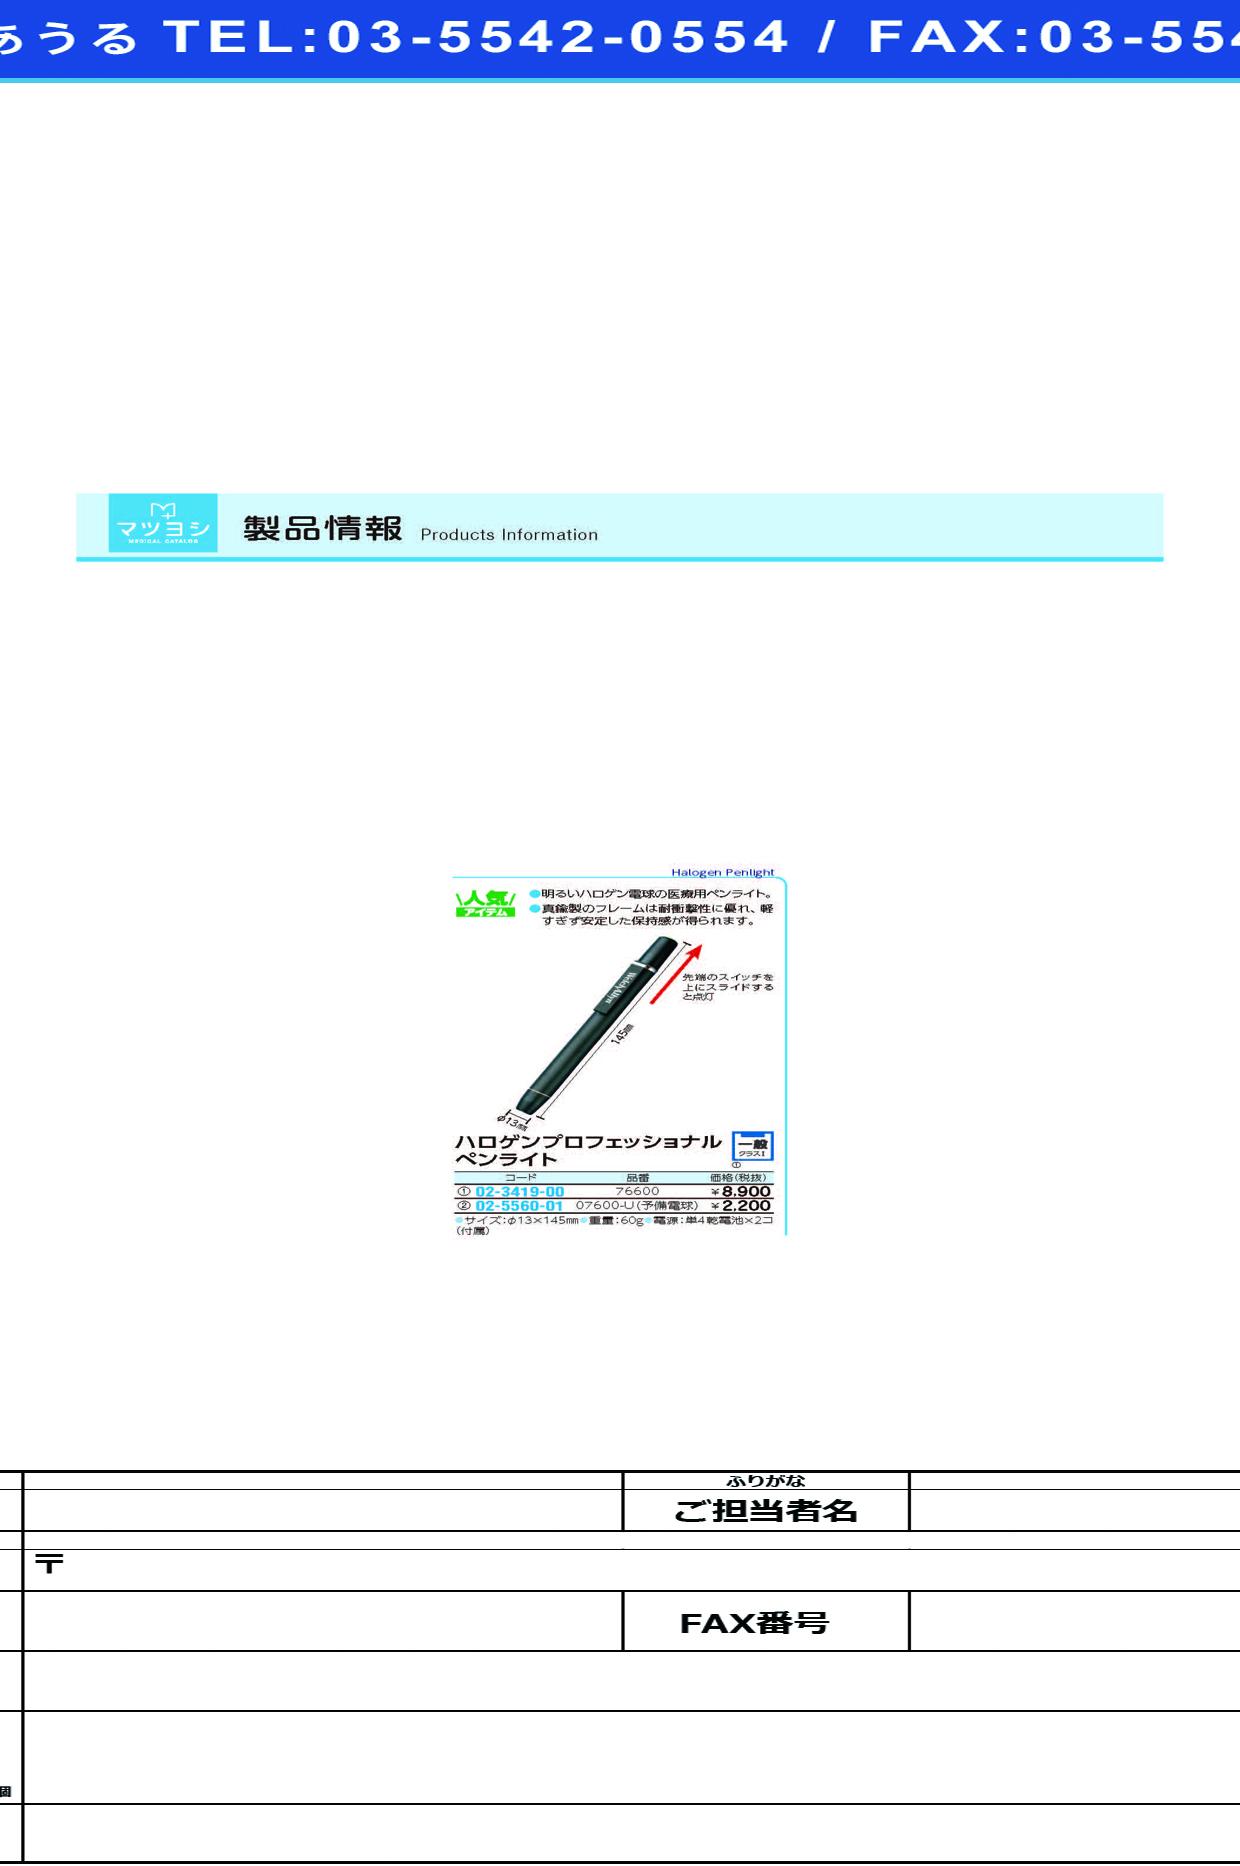 (02-3419-00)ハロゲンペンライト 76600 ハロゲンペンライト【1本単位】【2019年カタログ商品】